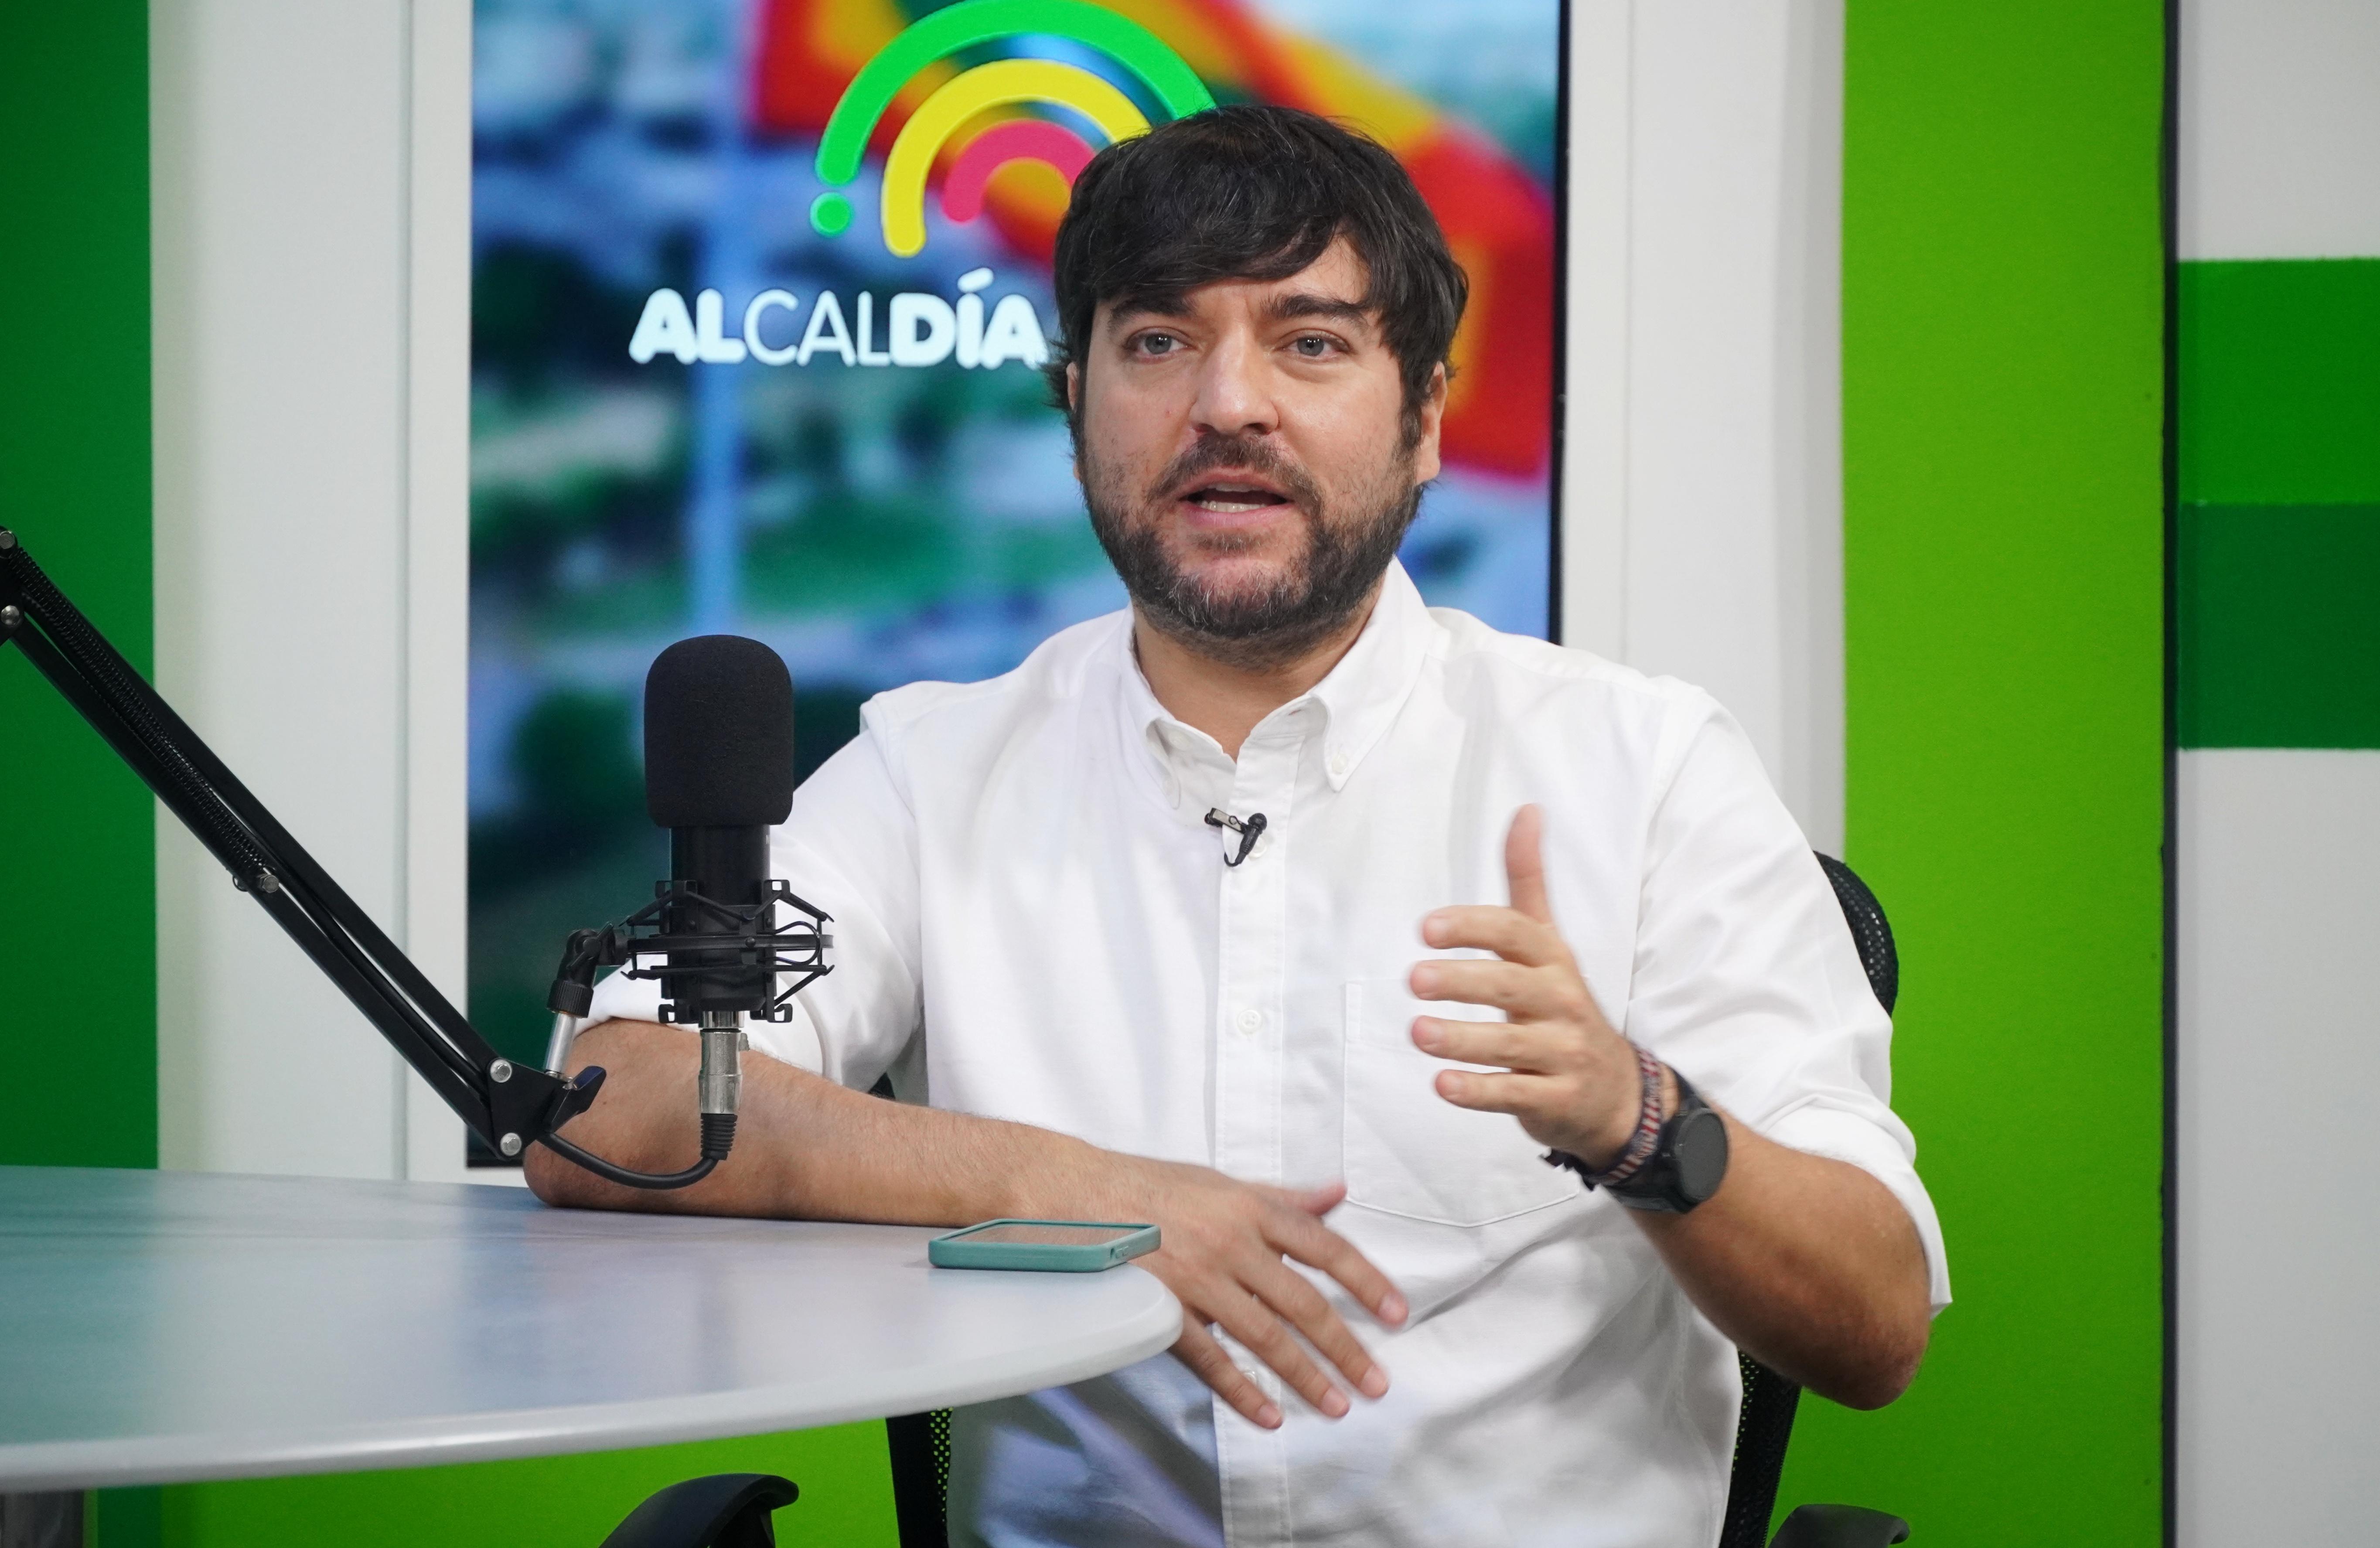 """@JaimePumarejo: """"Partido Colombia-Argentina queda facultado, si así lo desea la Federación, para incluir público"""""""